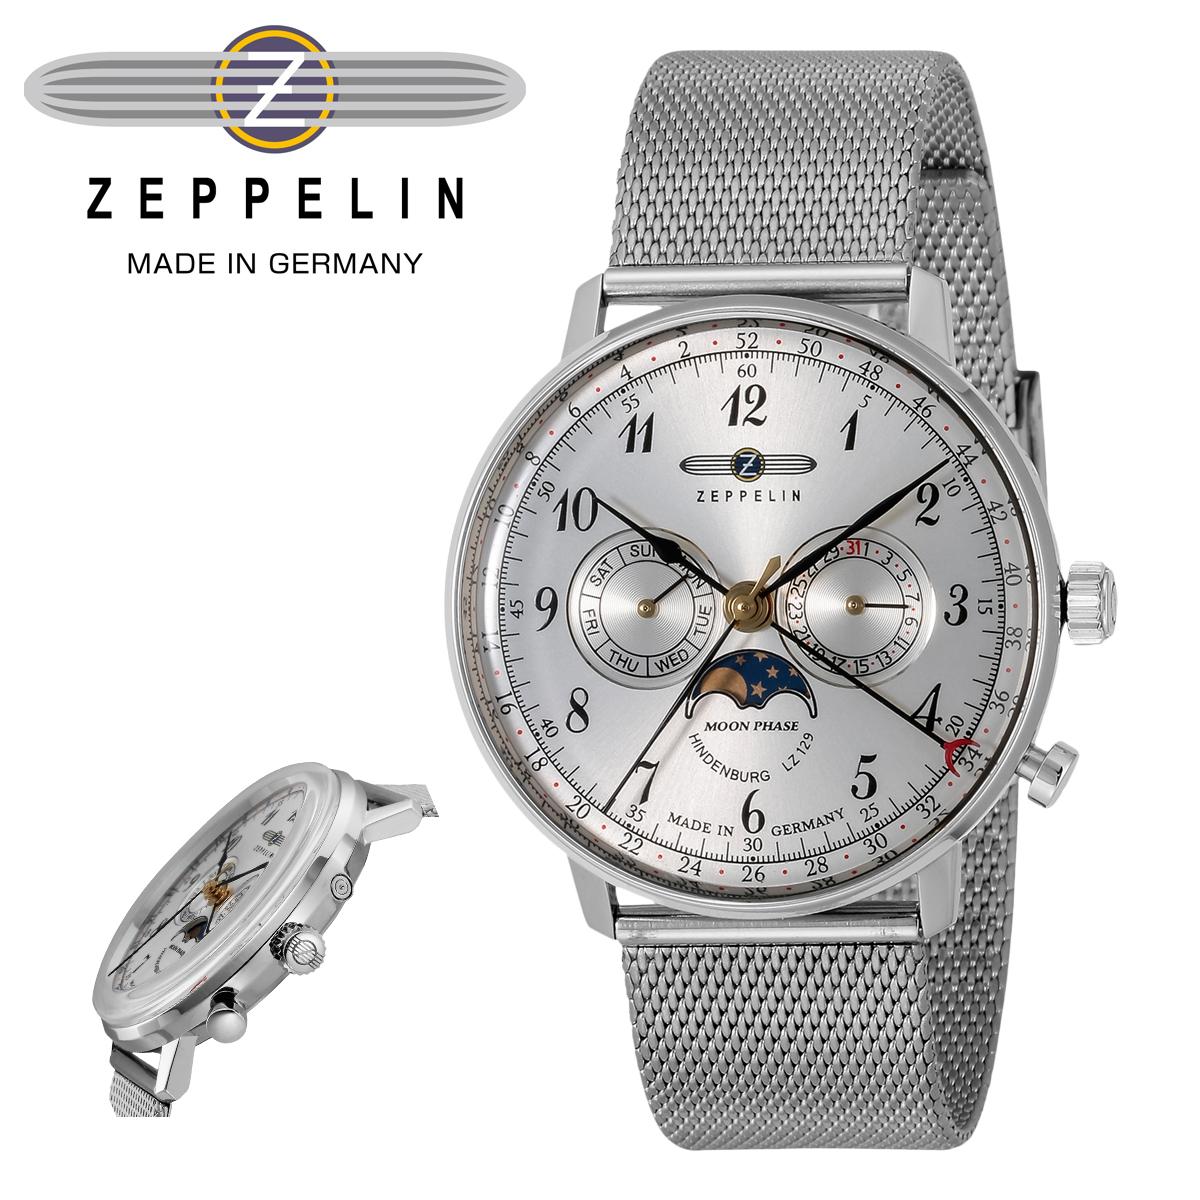 ツェッペリン 腕時計 HINDENBURGmoonphase 7036-M1 メンズ ZEPPELIN ステンレススチール アクリルガラス